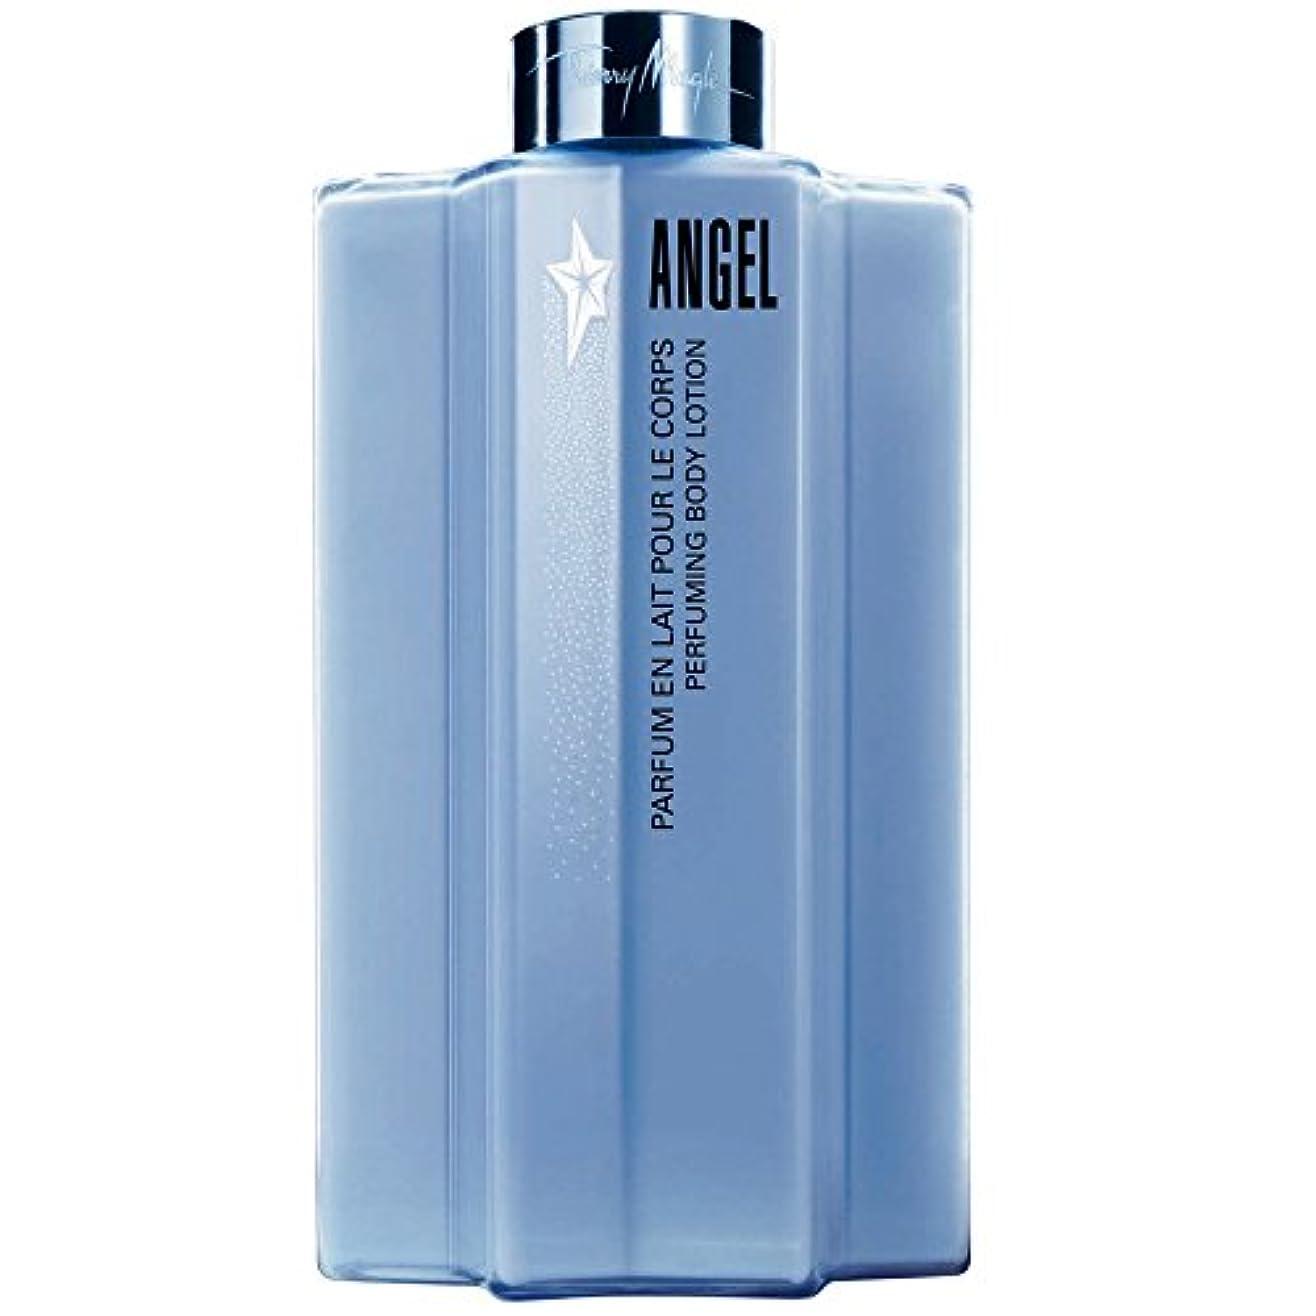 男らしさタイルマリンティエリー?ミュグレー天使のボディローション (Thierry Mugler) (x2) - Thierry Mugler Angel Body Lotion (Pack of 2) [並行輸入品]